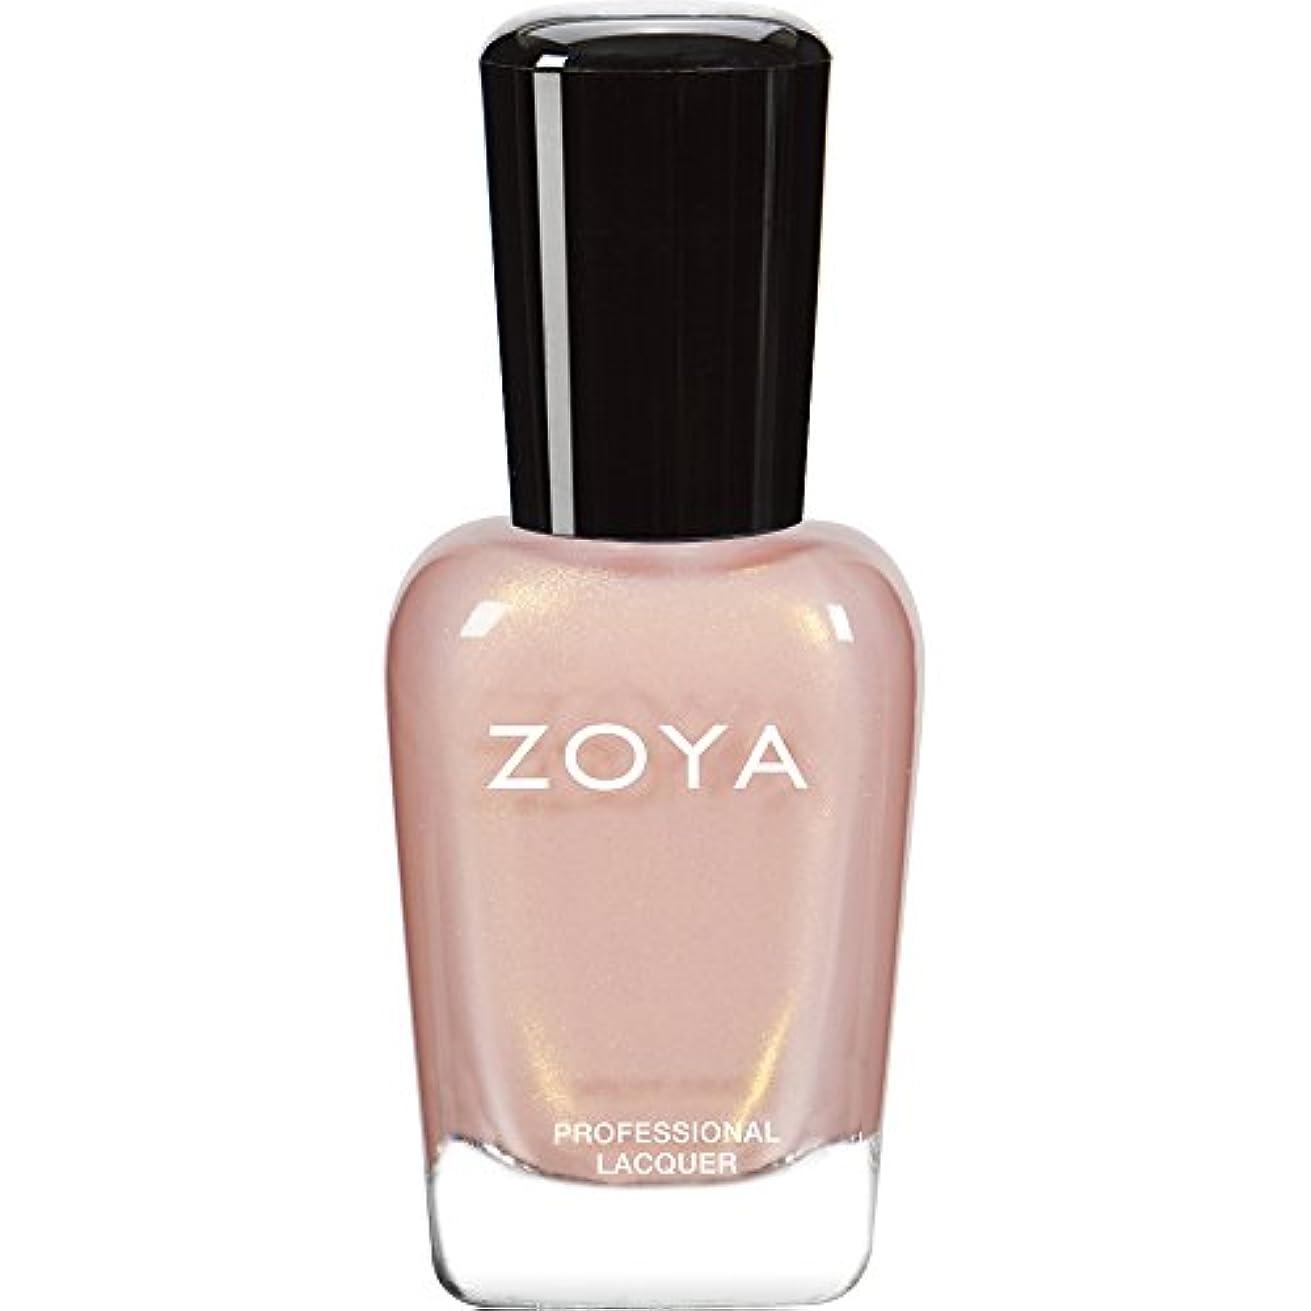 敬礼動脈寄生虫ZOYA ゾーヤ ネイルカラーZP445(ERIKA) エリカ 15ml ゴールドがきらめくガーリーなベビーピンク パール/メタリック 爪にやさしいネイルラッカーマニキュア